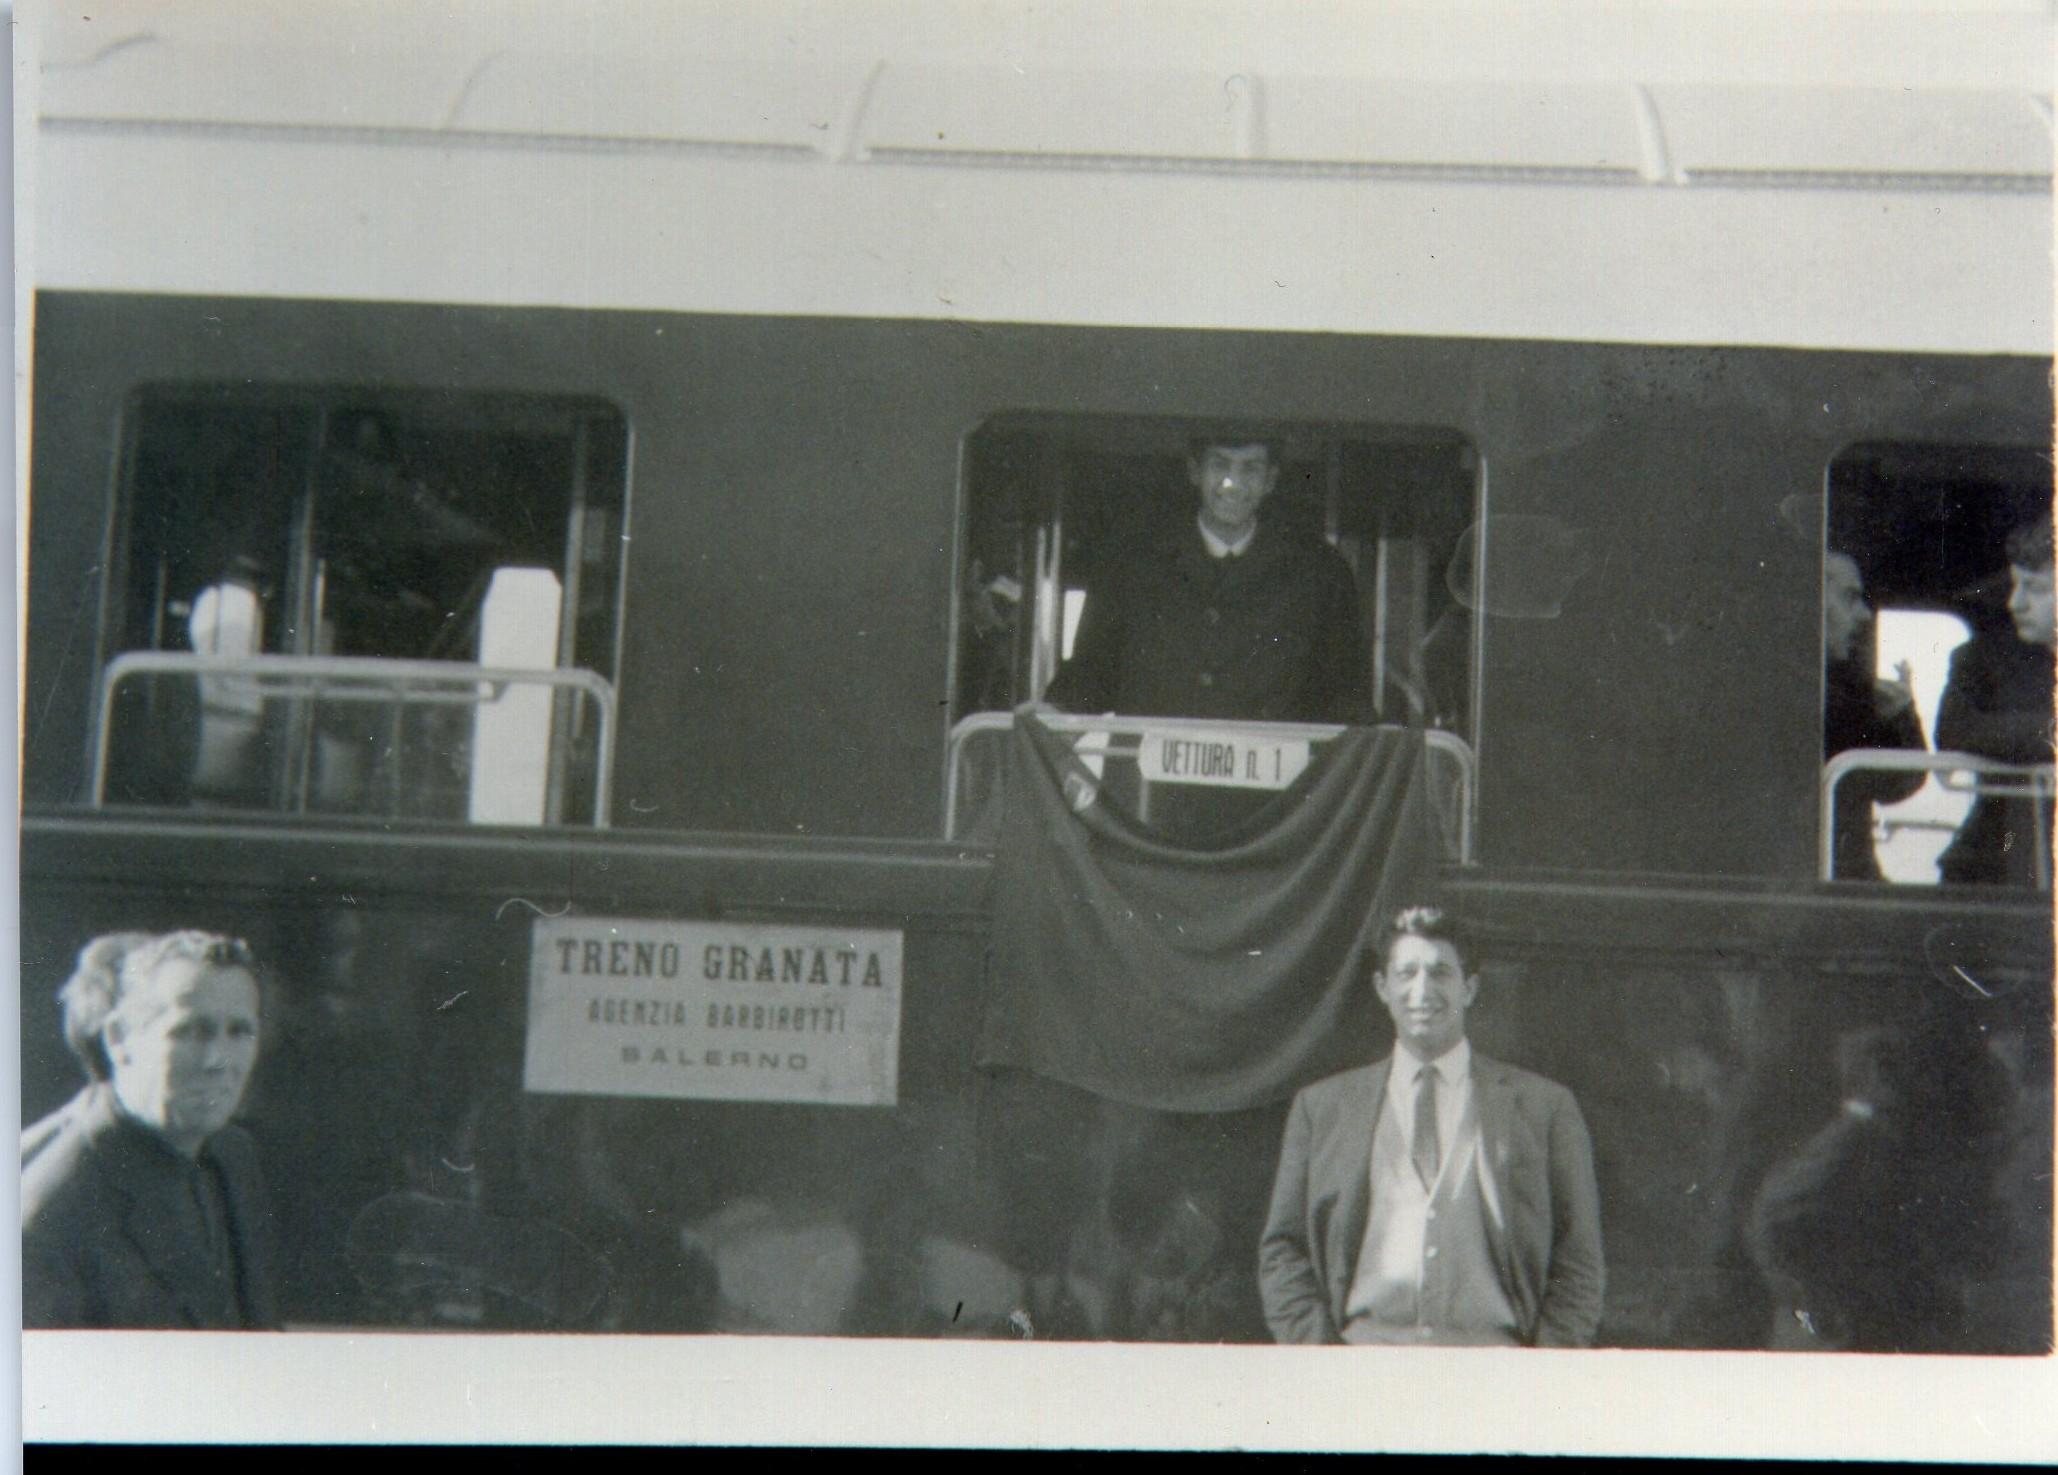 Il treno granata in partenza